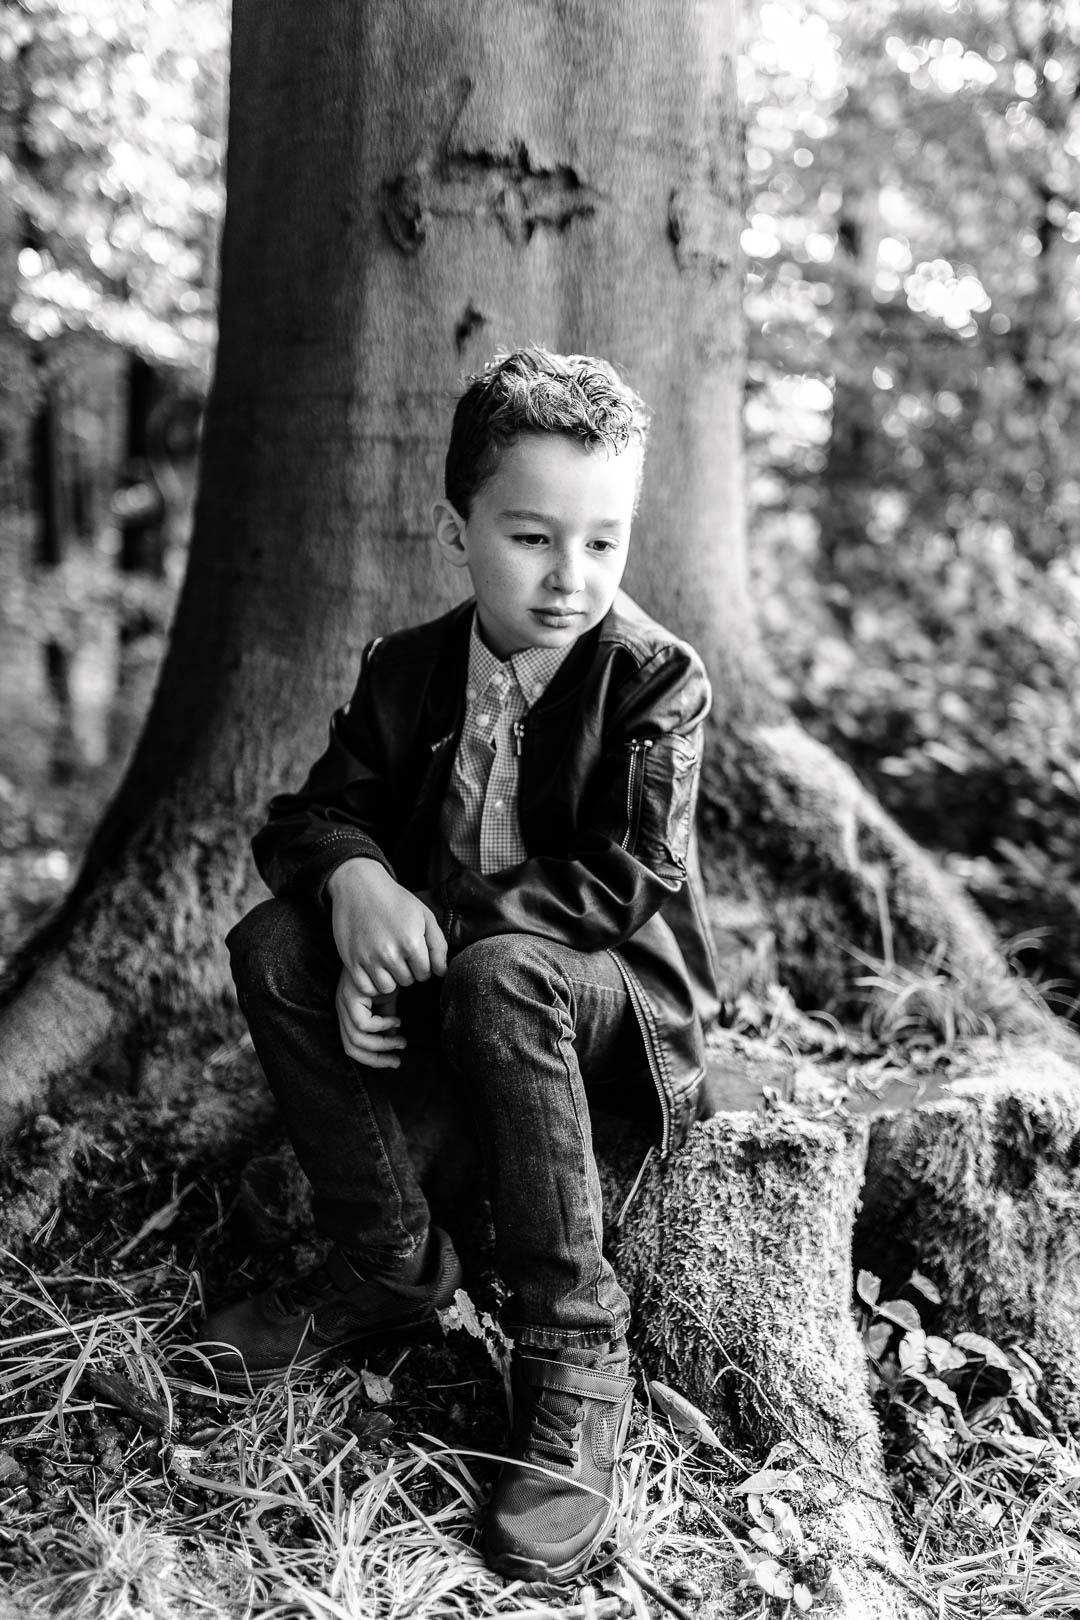 Kinderfotograf Franken Nürnberg Bayreuth Pegnitz 008 1 - familienfotografie, blog - Kinderfotografie, Kinderfotograf Nürnberg, Kinderfotograf Franken, Kinder